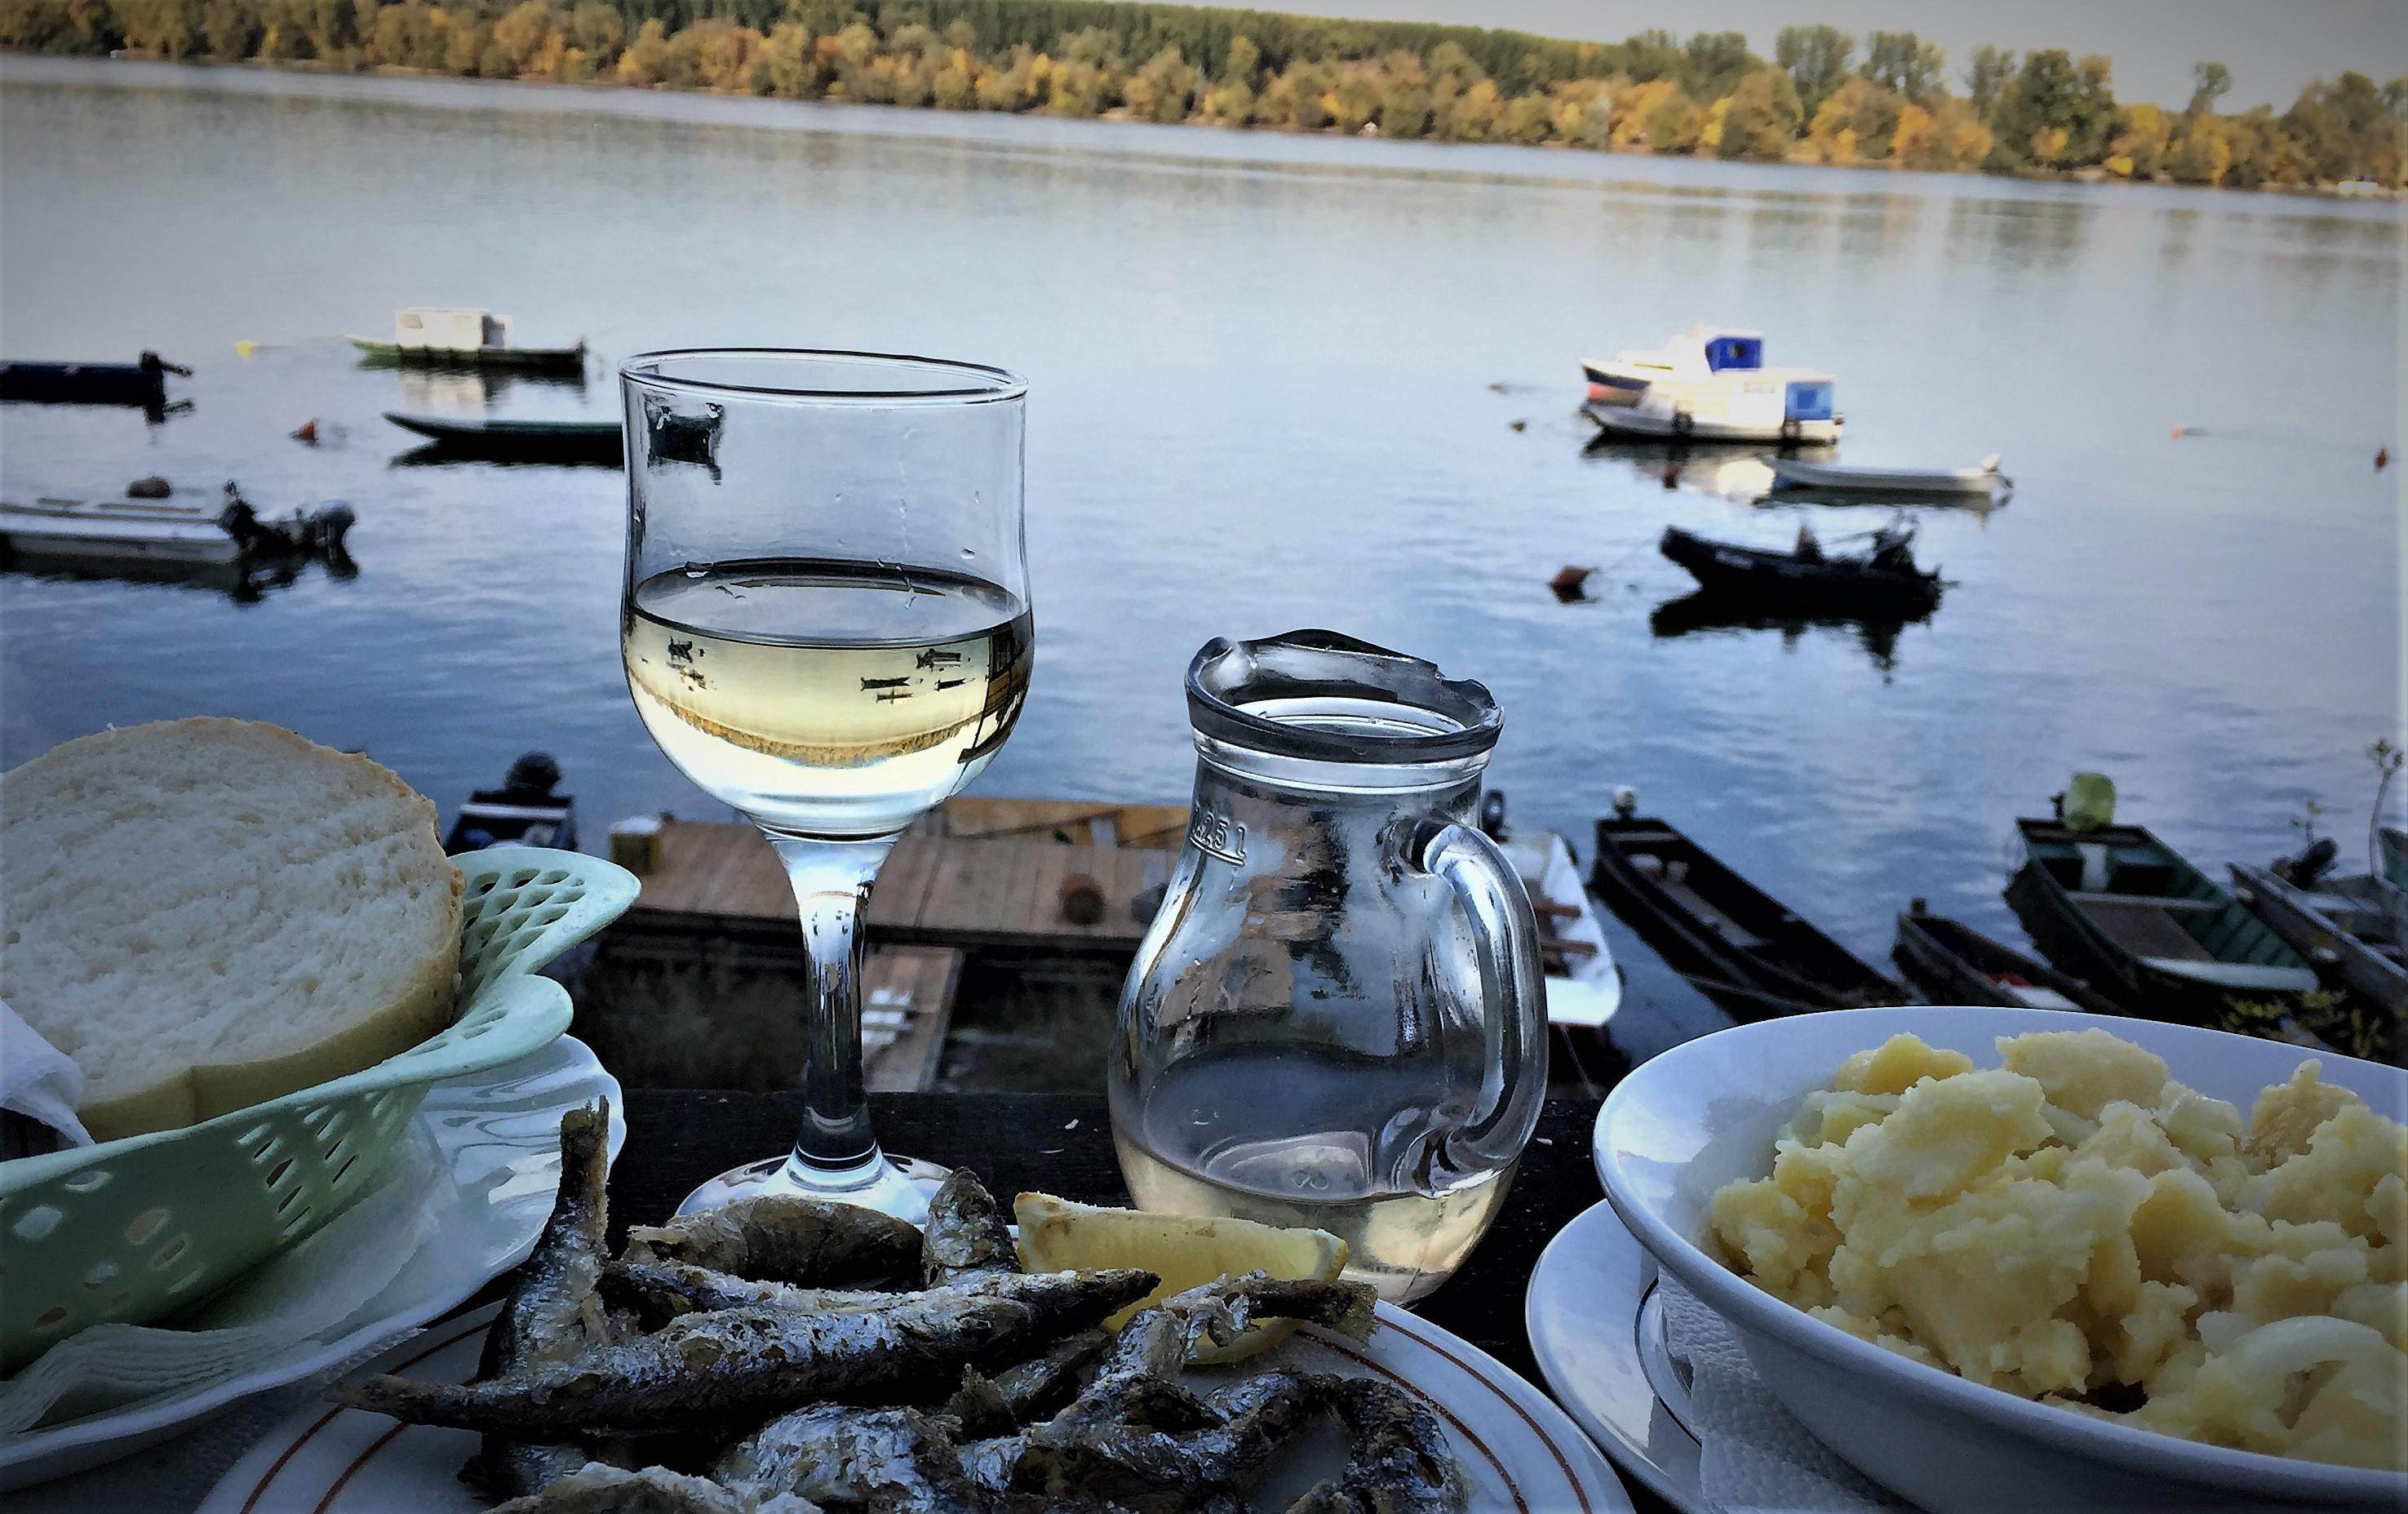 Freitag, 13.10., 15.41 Uhr: Kej Oslobodenja – in einem der Flussrestaurants an der Donau.